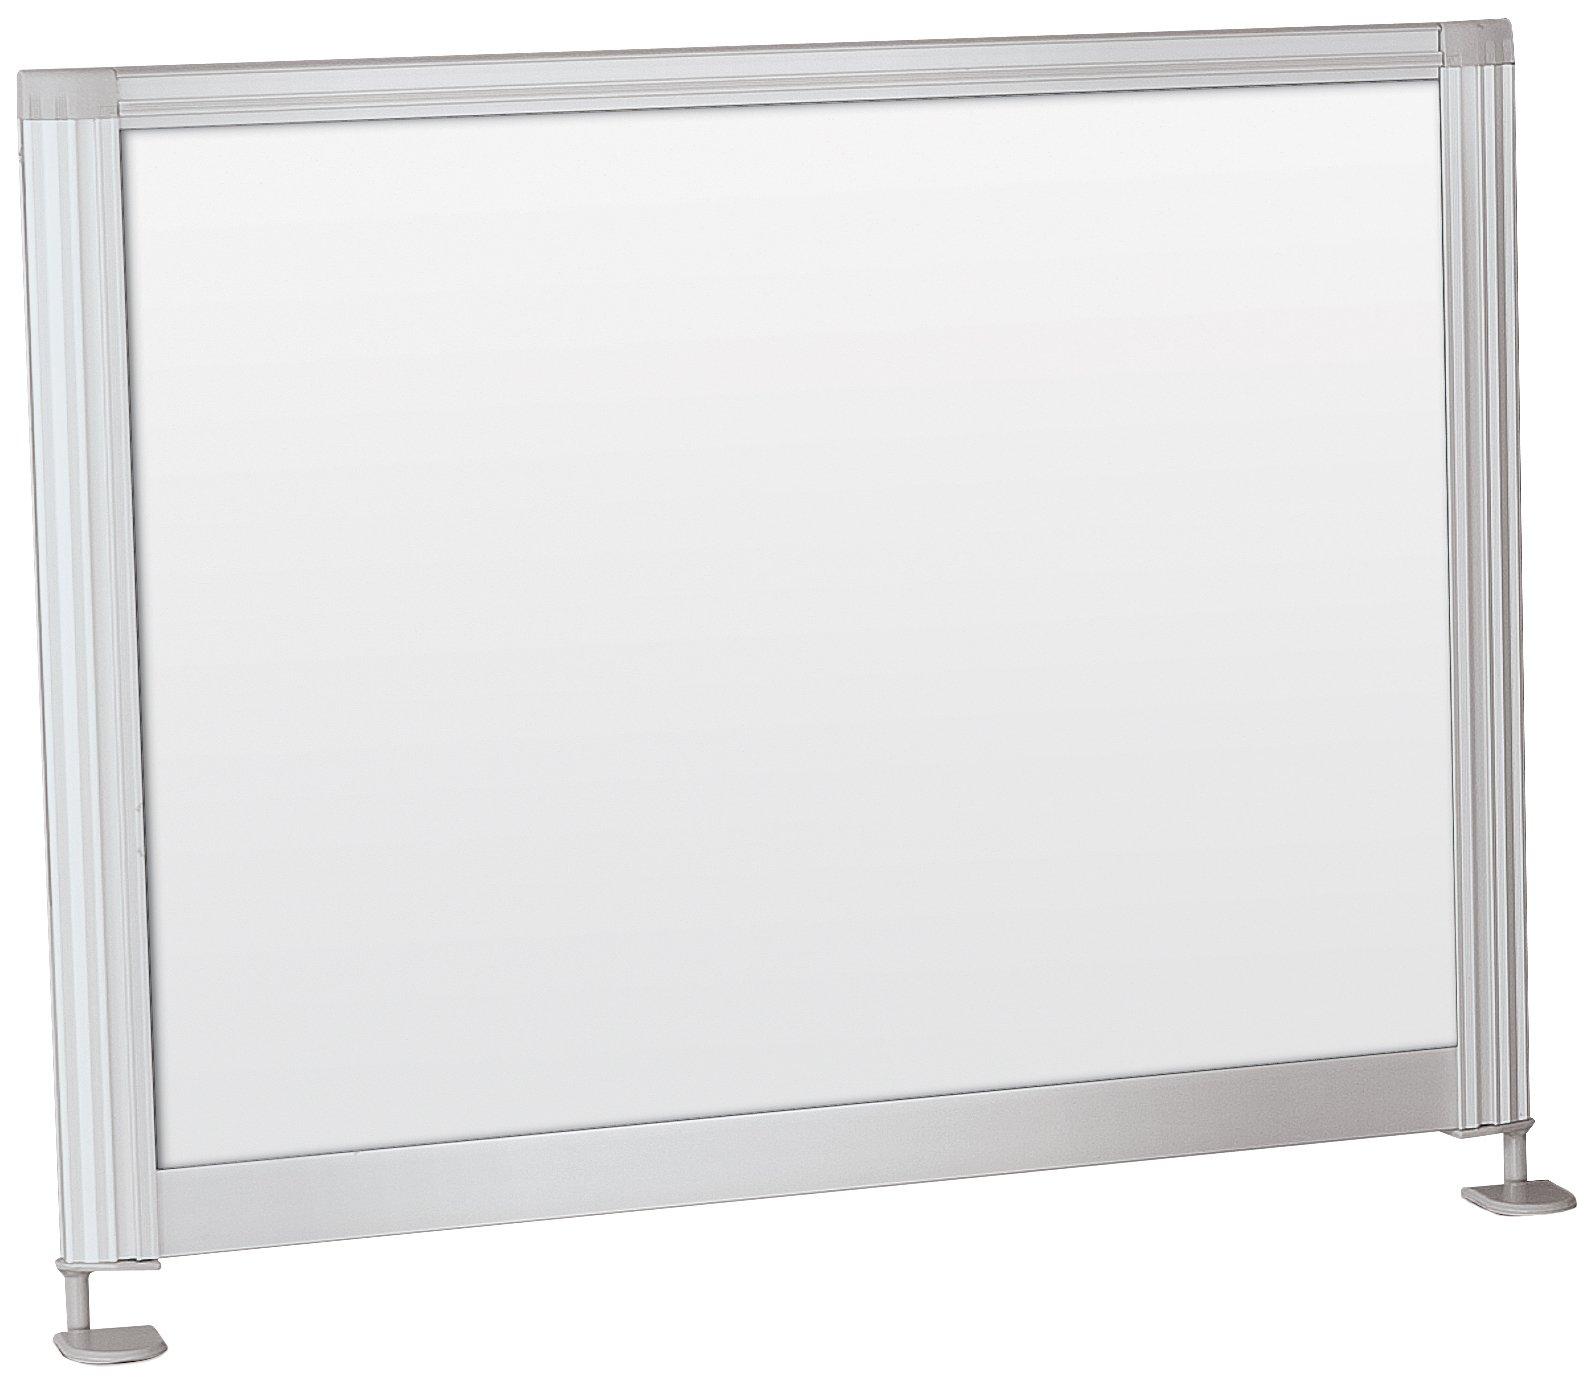 Best-Rite 90134 Desktop Privacy Panel (Porcelain Steel 21-1/2'' W)